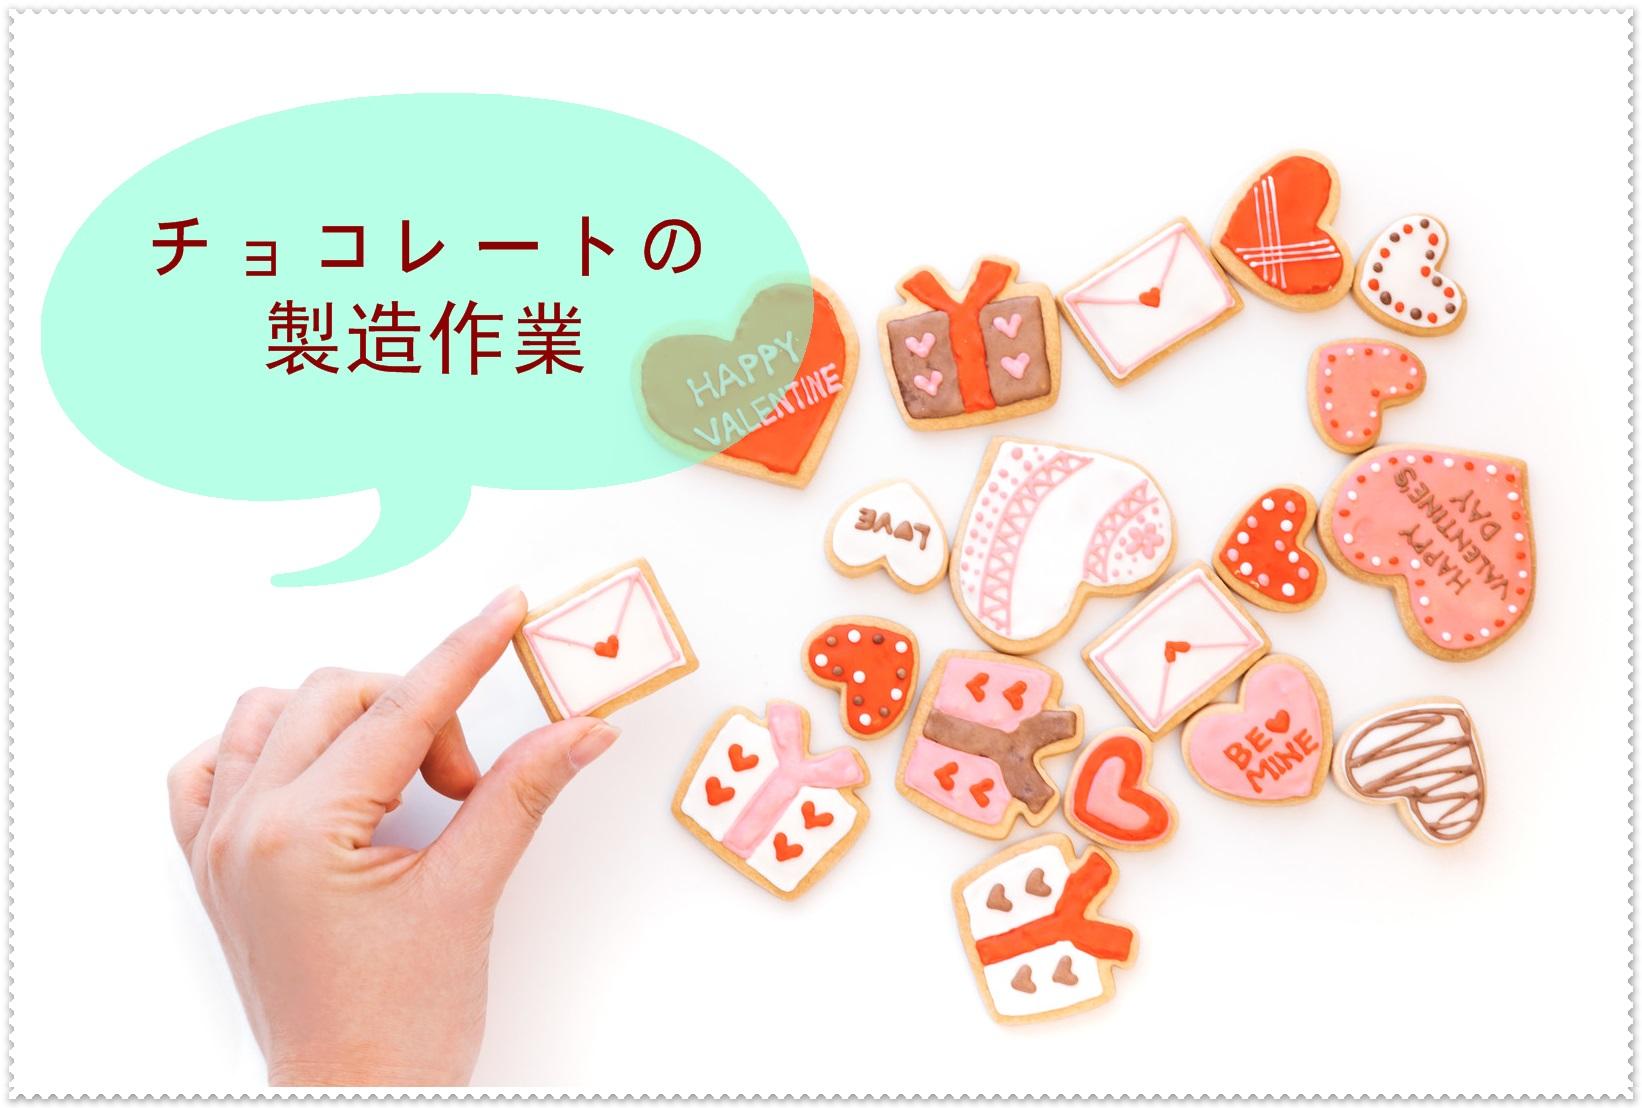 女性大活躍中☆お菓子の製造・出荷のお仕事☆ イメージ